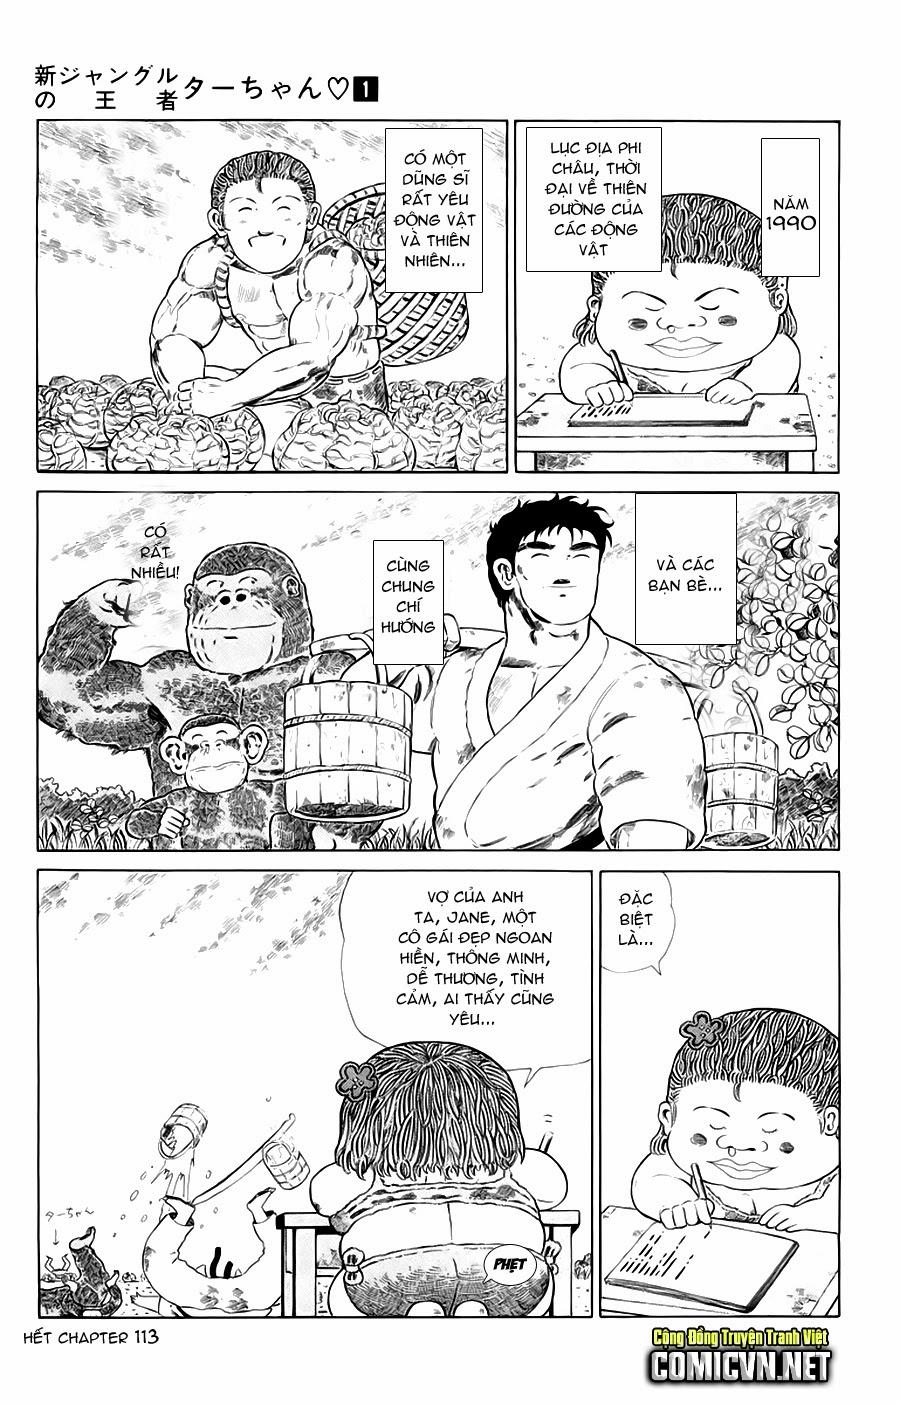 Chúa rừng Ta-chan chapter 113 (new - phần 2 chapter 1) trang 19